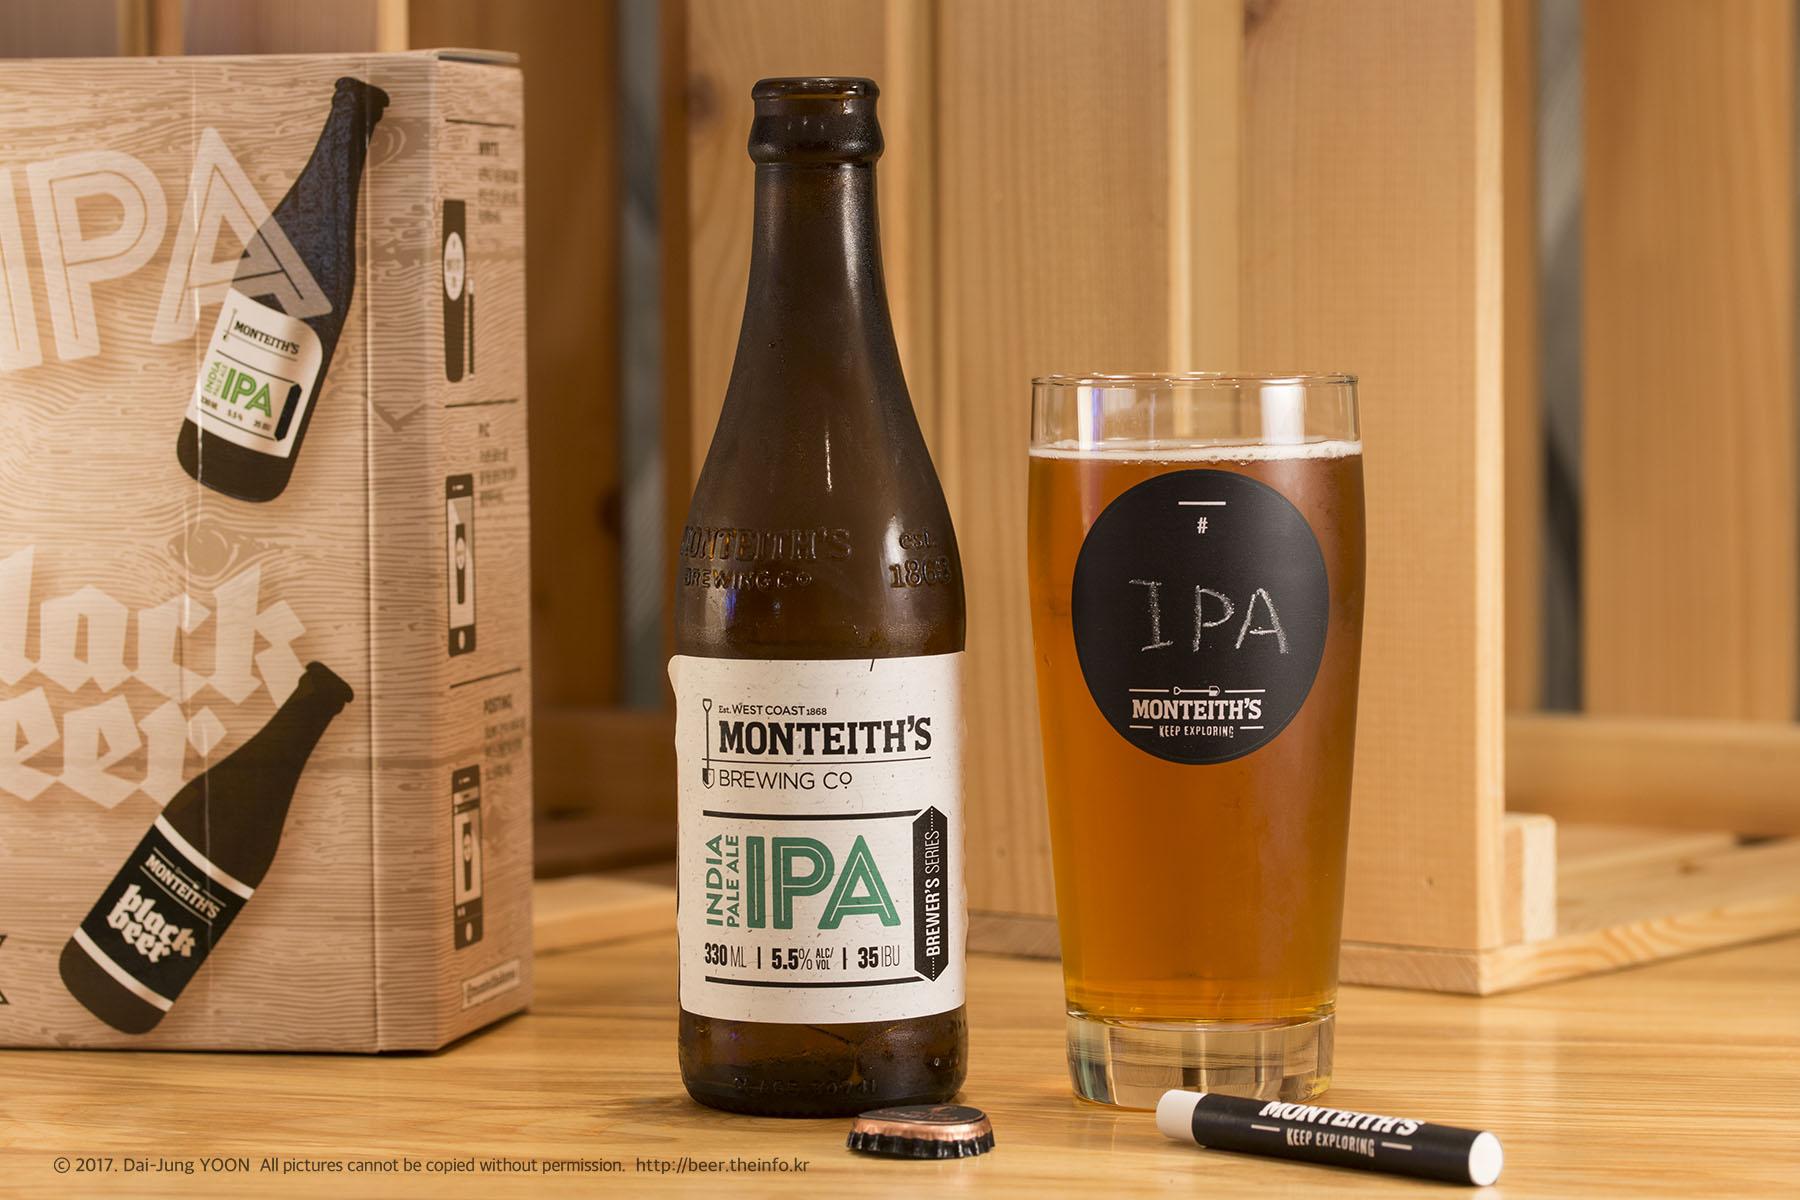 몬티스 IPA / Monteith's India Pale Ale